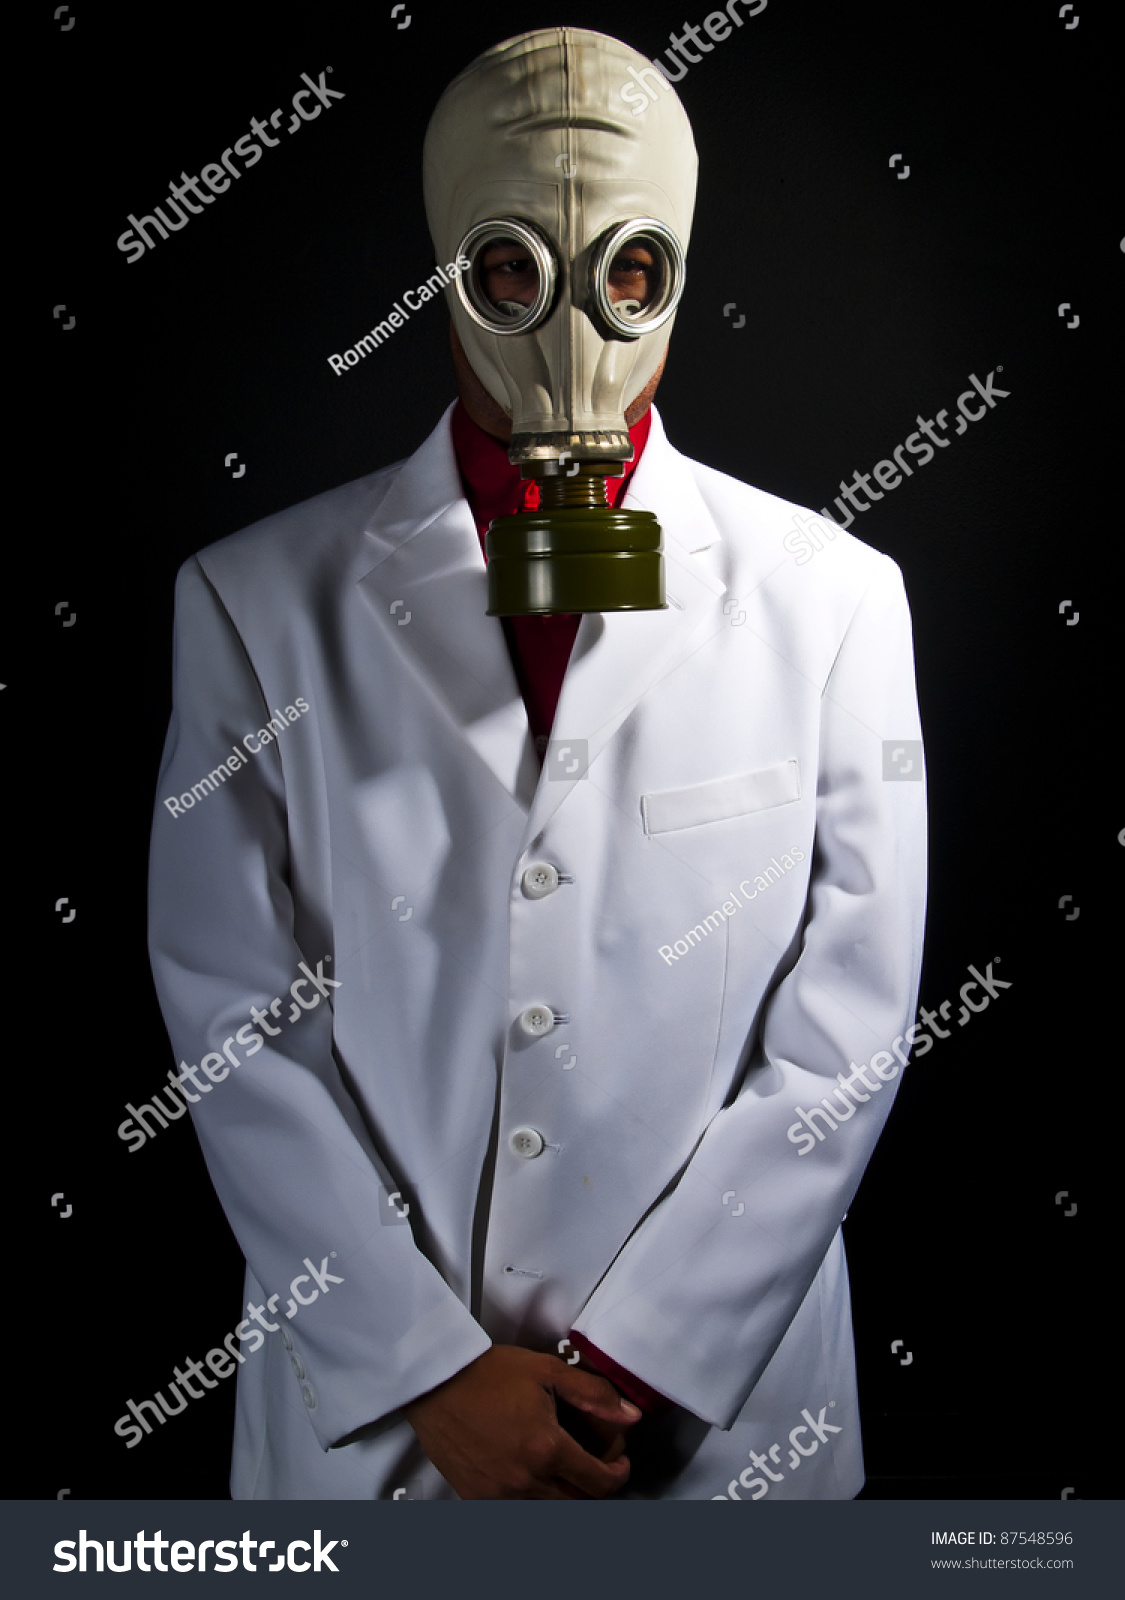 Mad coat lab scientist pictures best photo